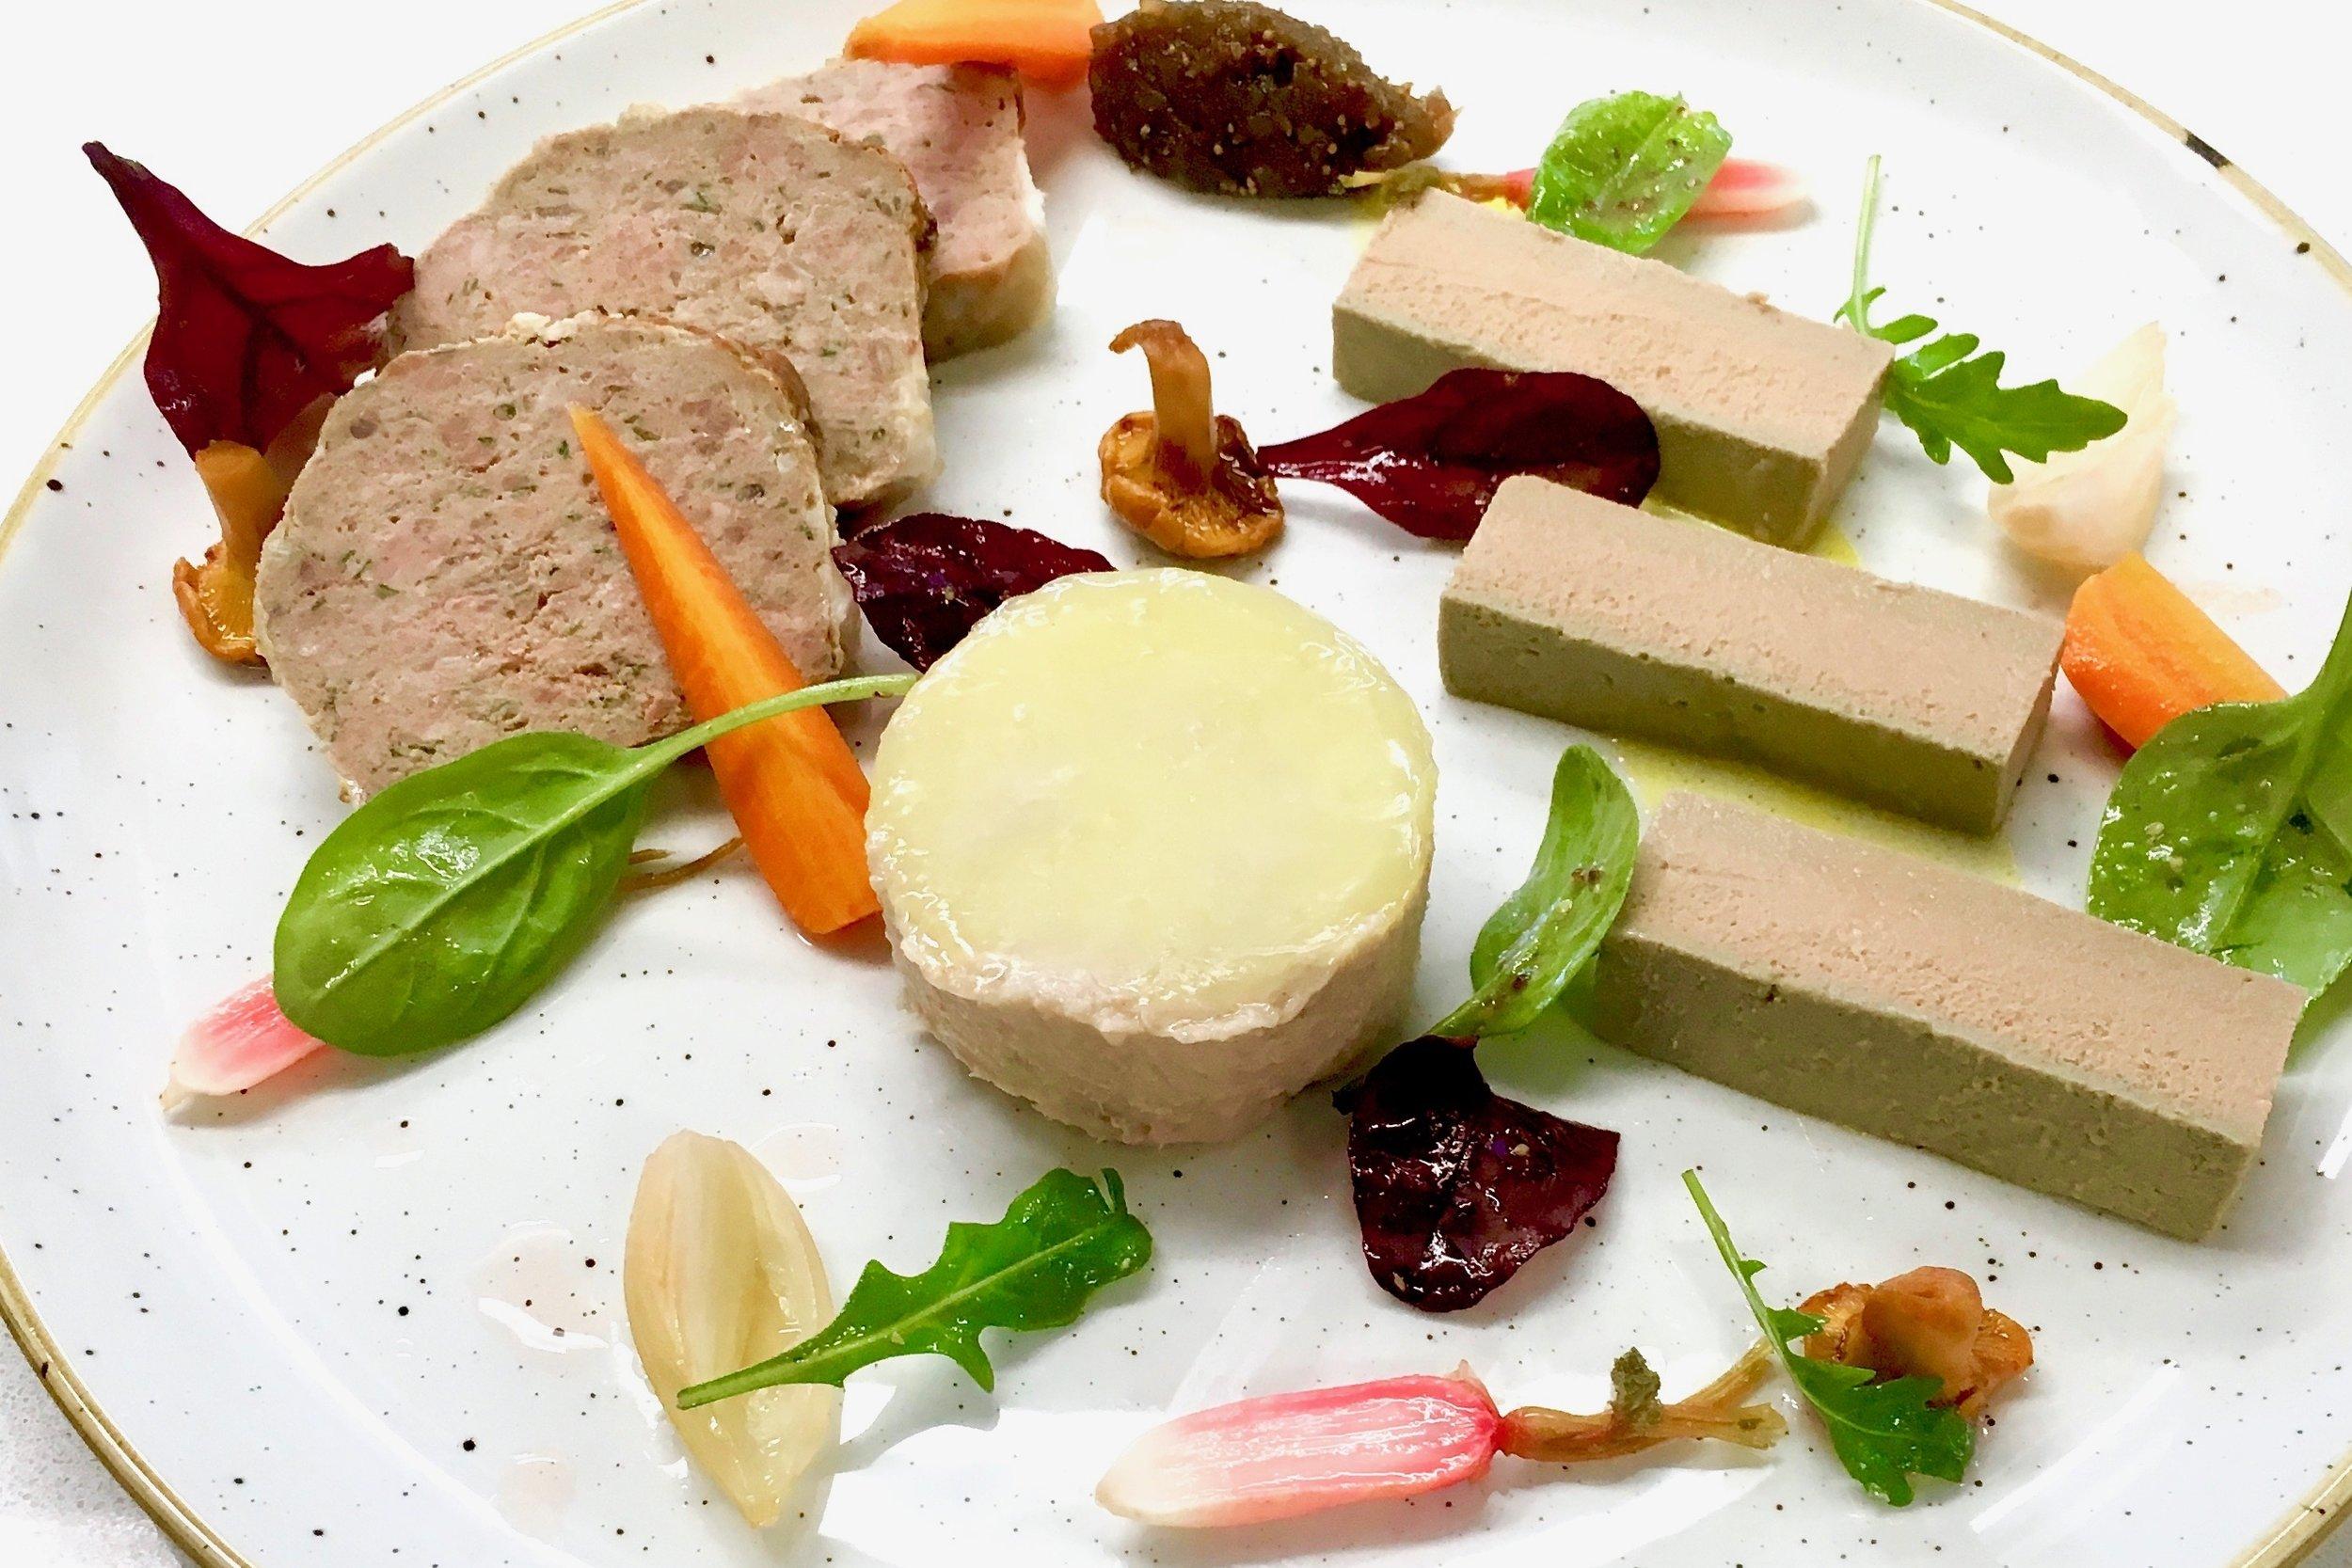 Pâté de Campagne, Parfait de Foie de Volaille and Rillette de Lapin with pickled vegetables and chutney